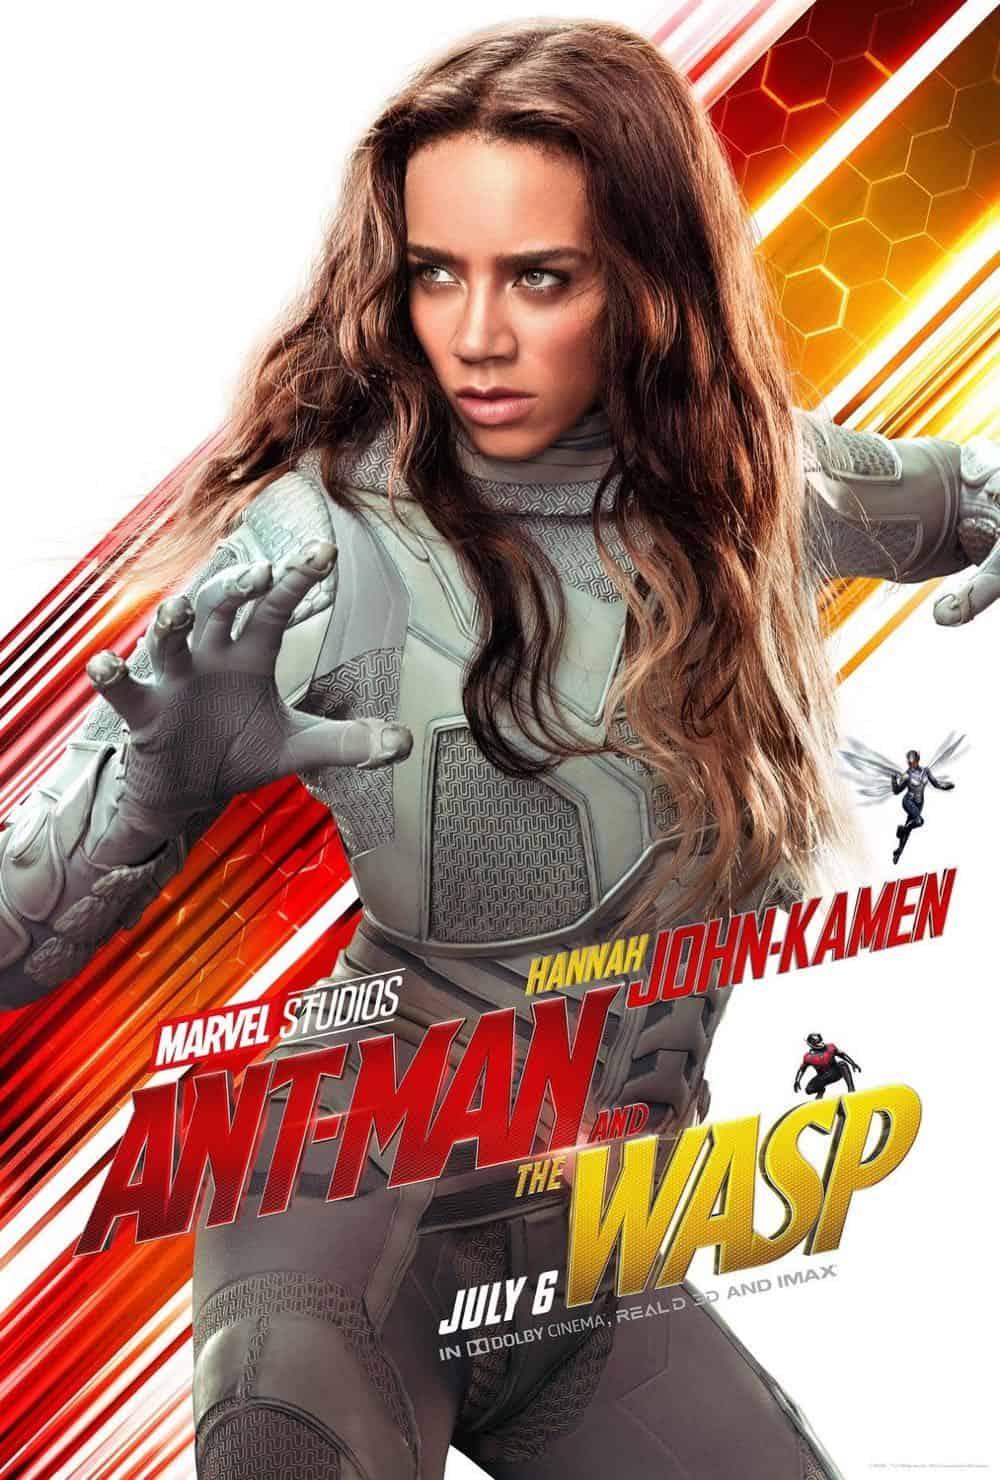 Ant-Man-And-The-Wasp-Movie-Character-Poster-Hannah-John-Kamen